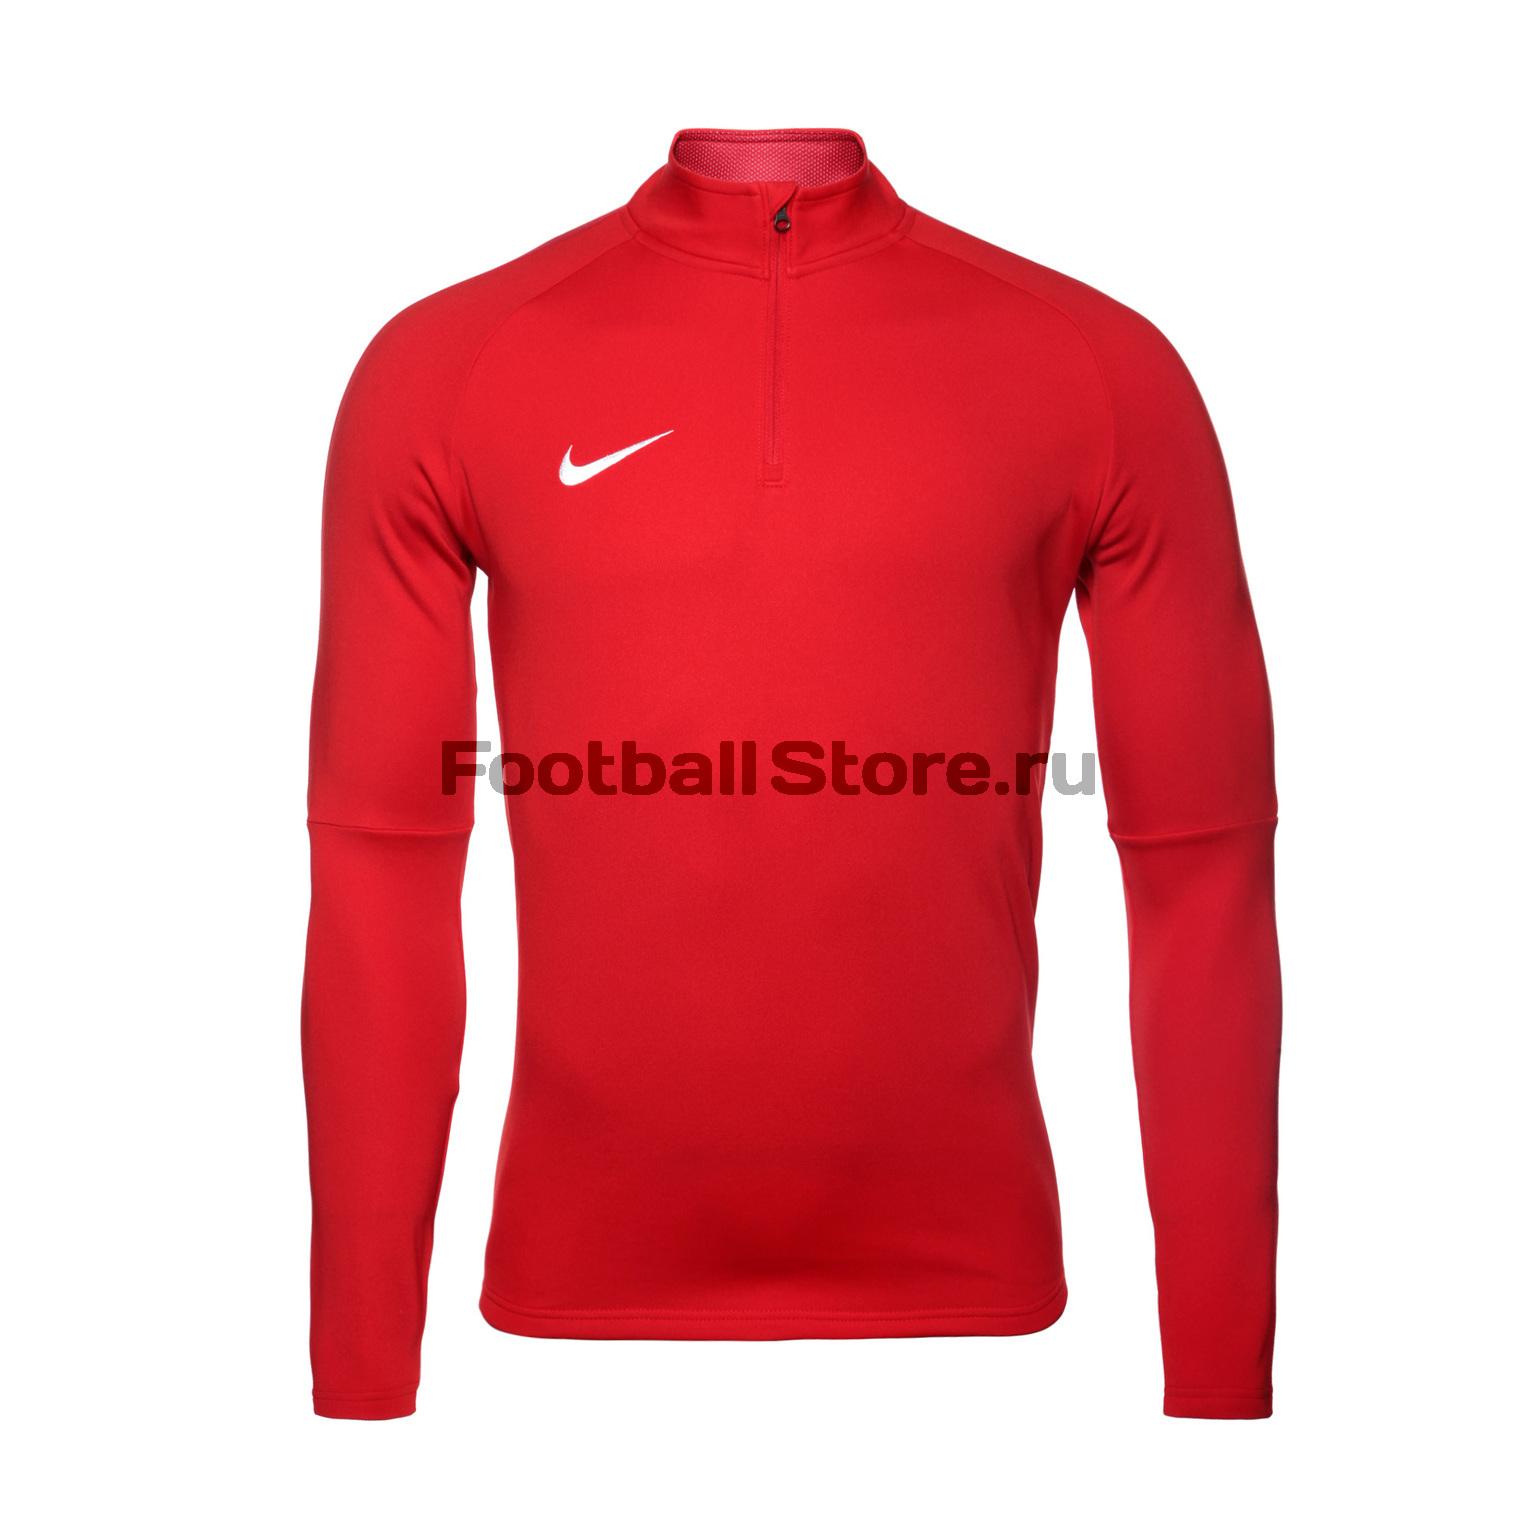 Свитер тренировочный Nike Dry Academy18 Dril Top LS 893624-657